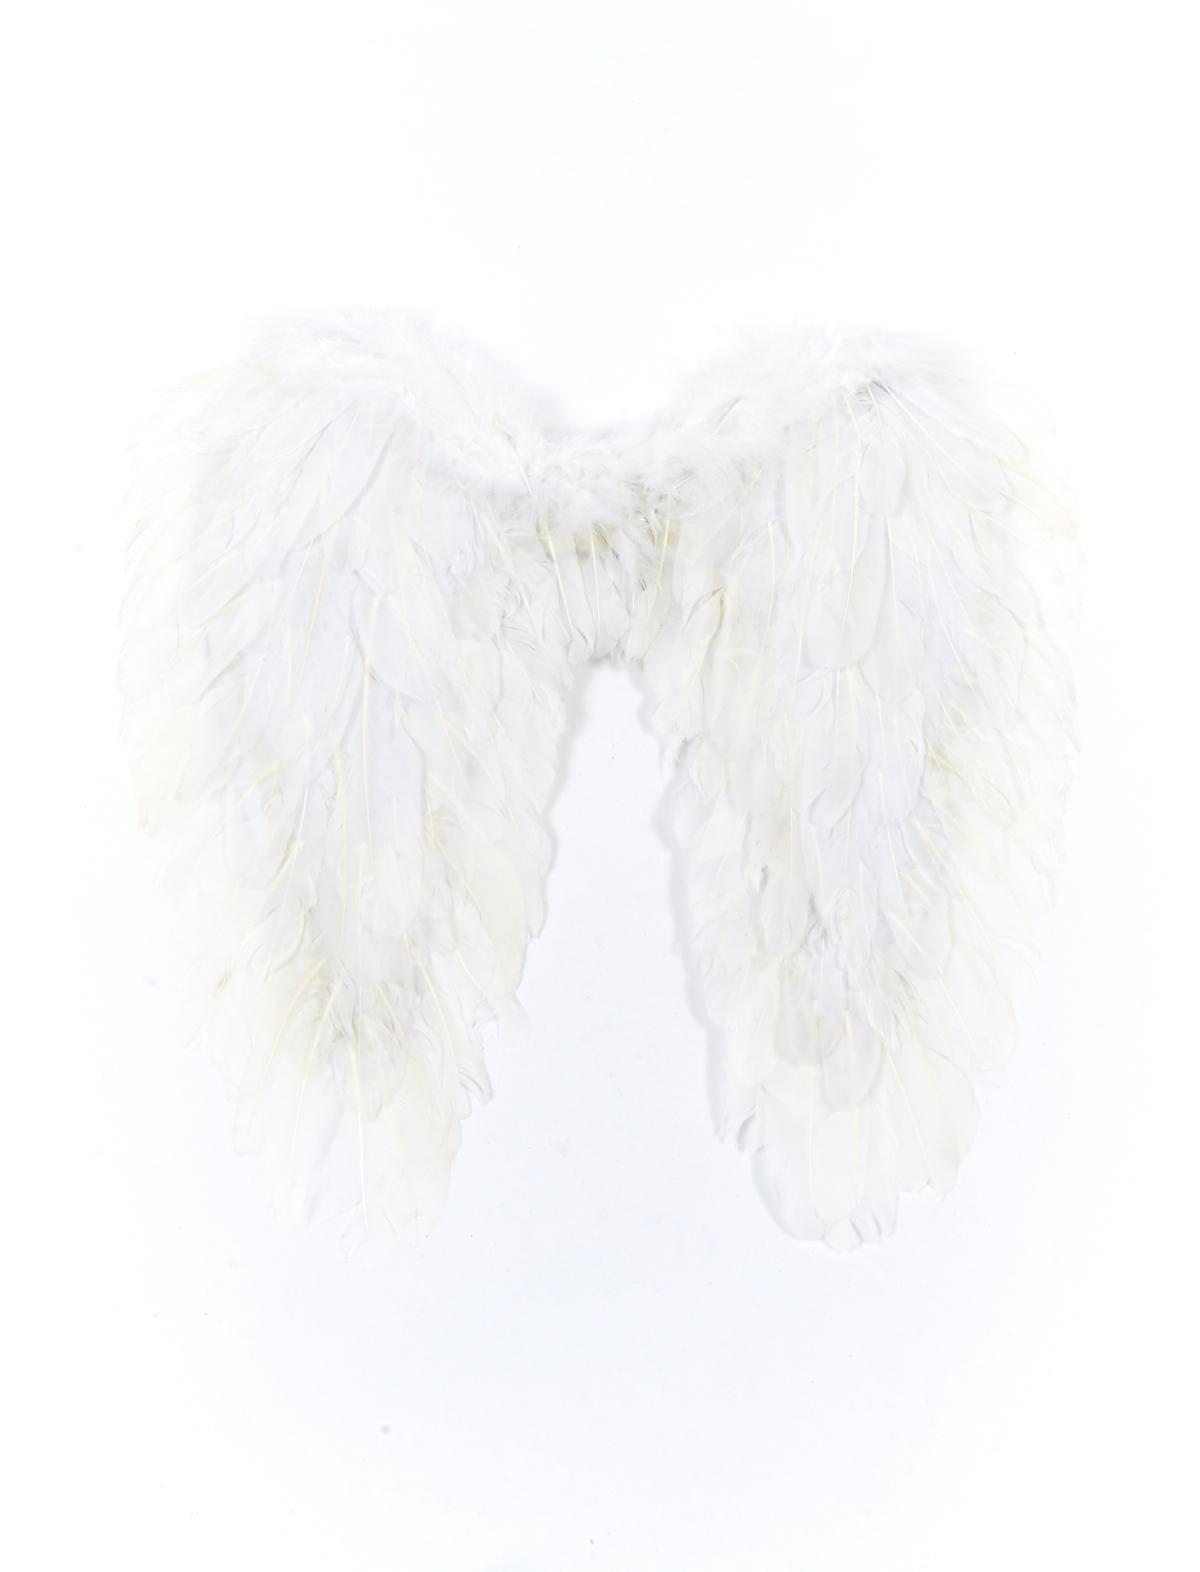 Federflügel weiß versch. Größen 50x50cm